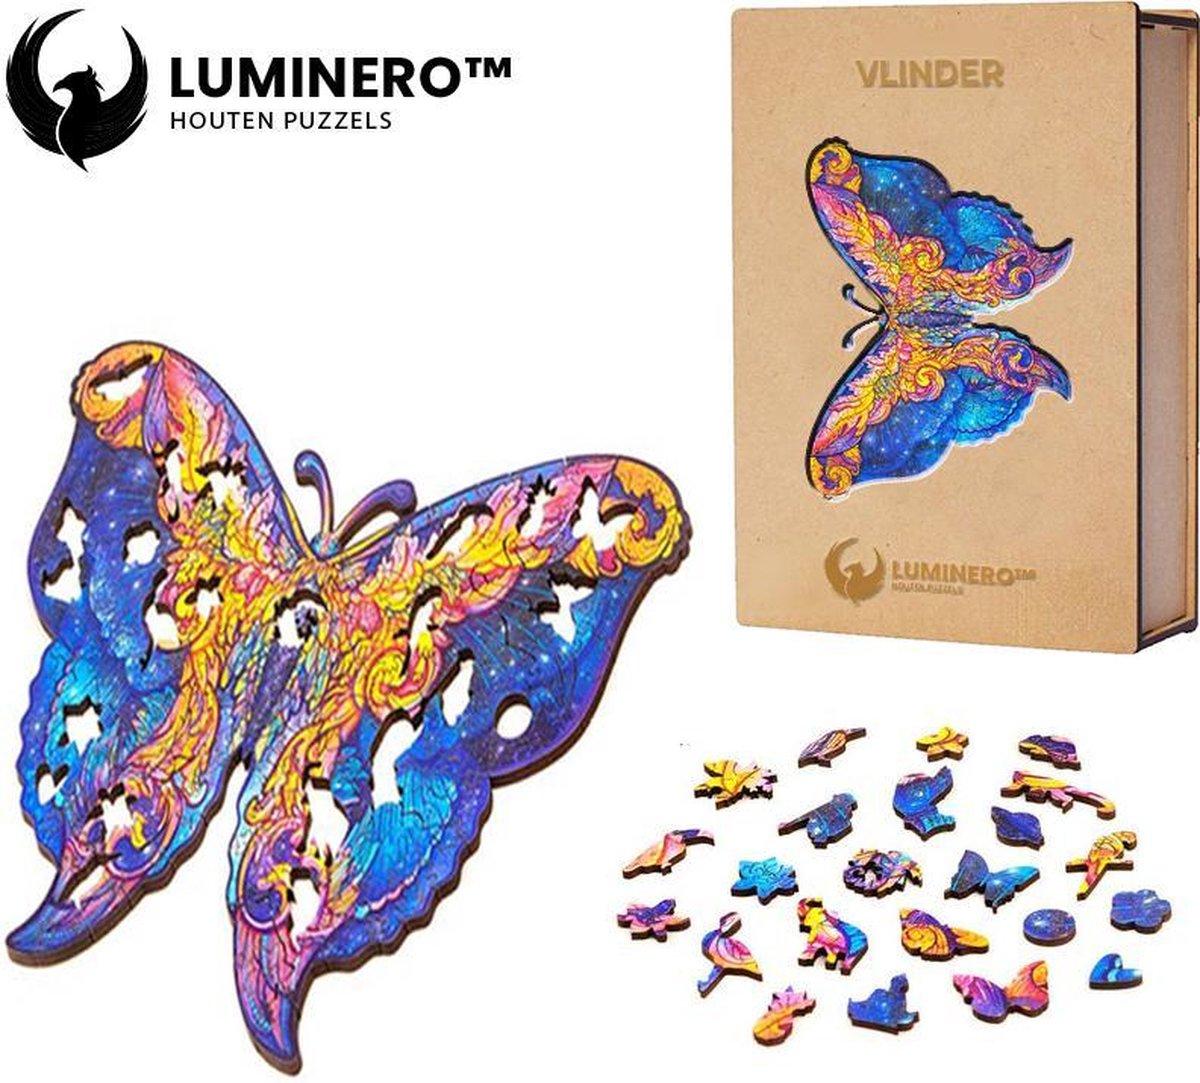 Luminero™ Houten Vlinder Jigsaw Puzzel - A3 Formaat Jigsaw - Unieke 3D Puzzels - Huisdecoratie - Wooden Puzzle - Volwassenen & Kinderen - Incl. Houten Doos